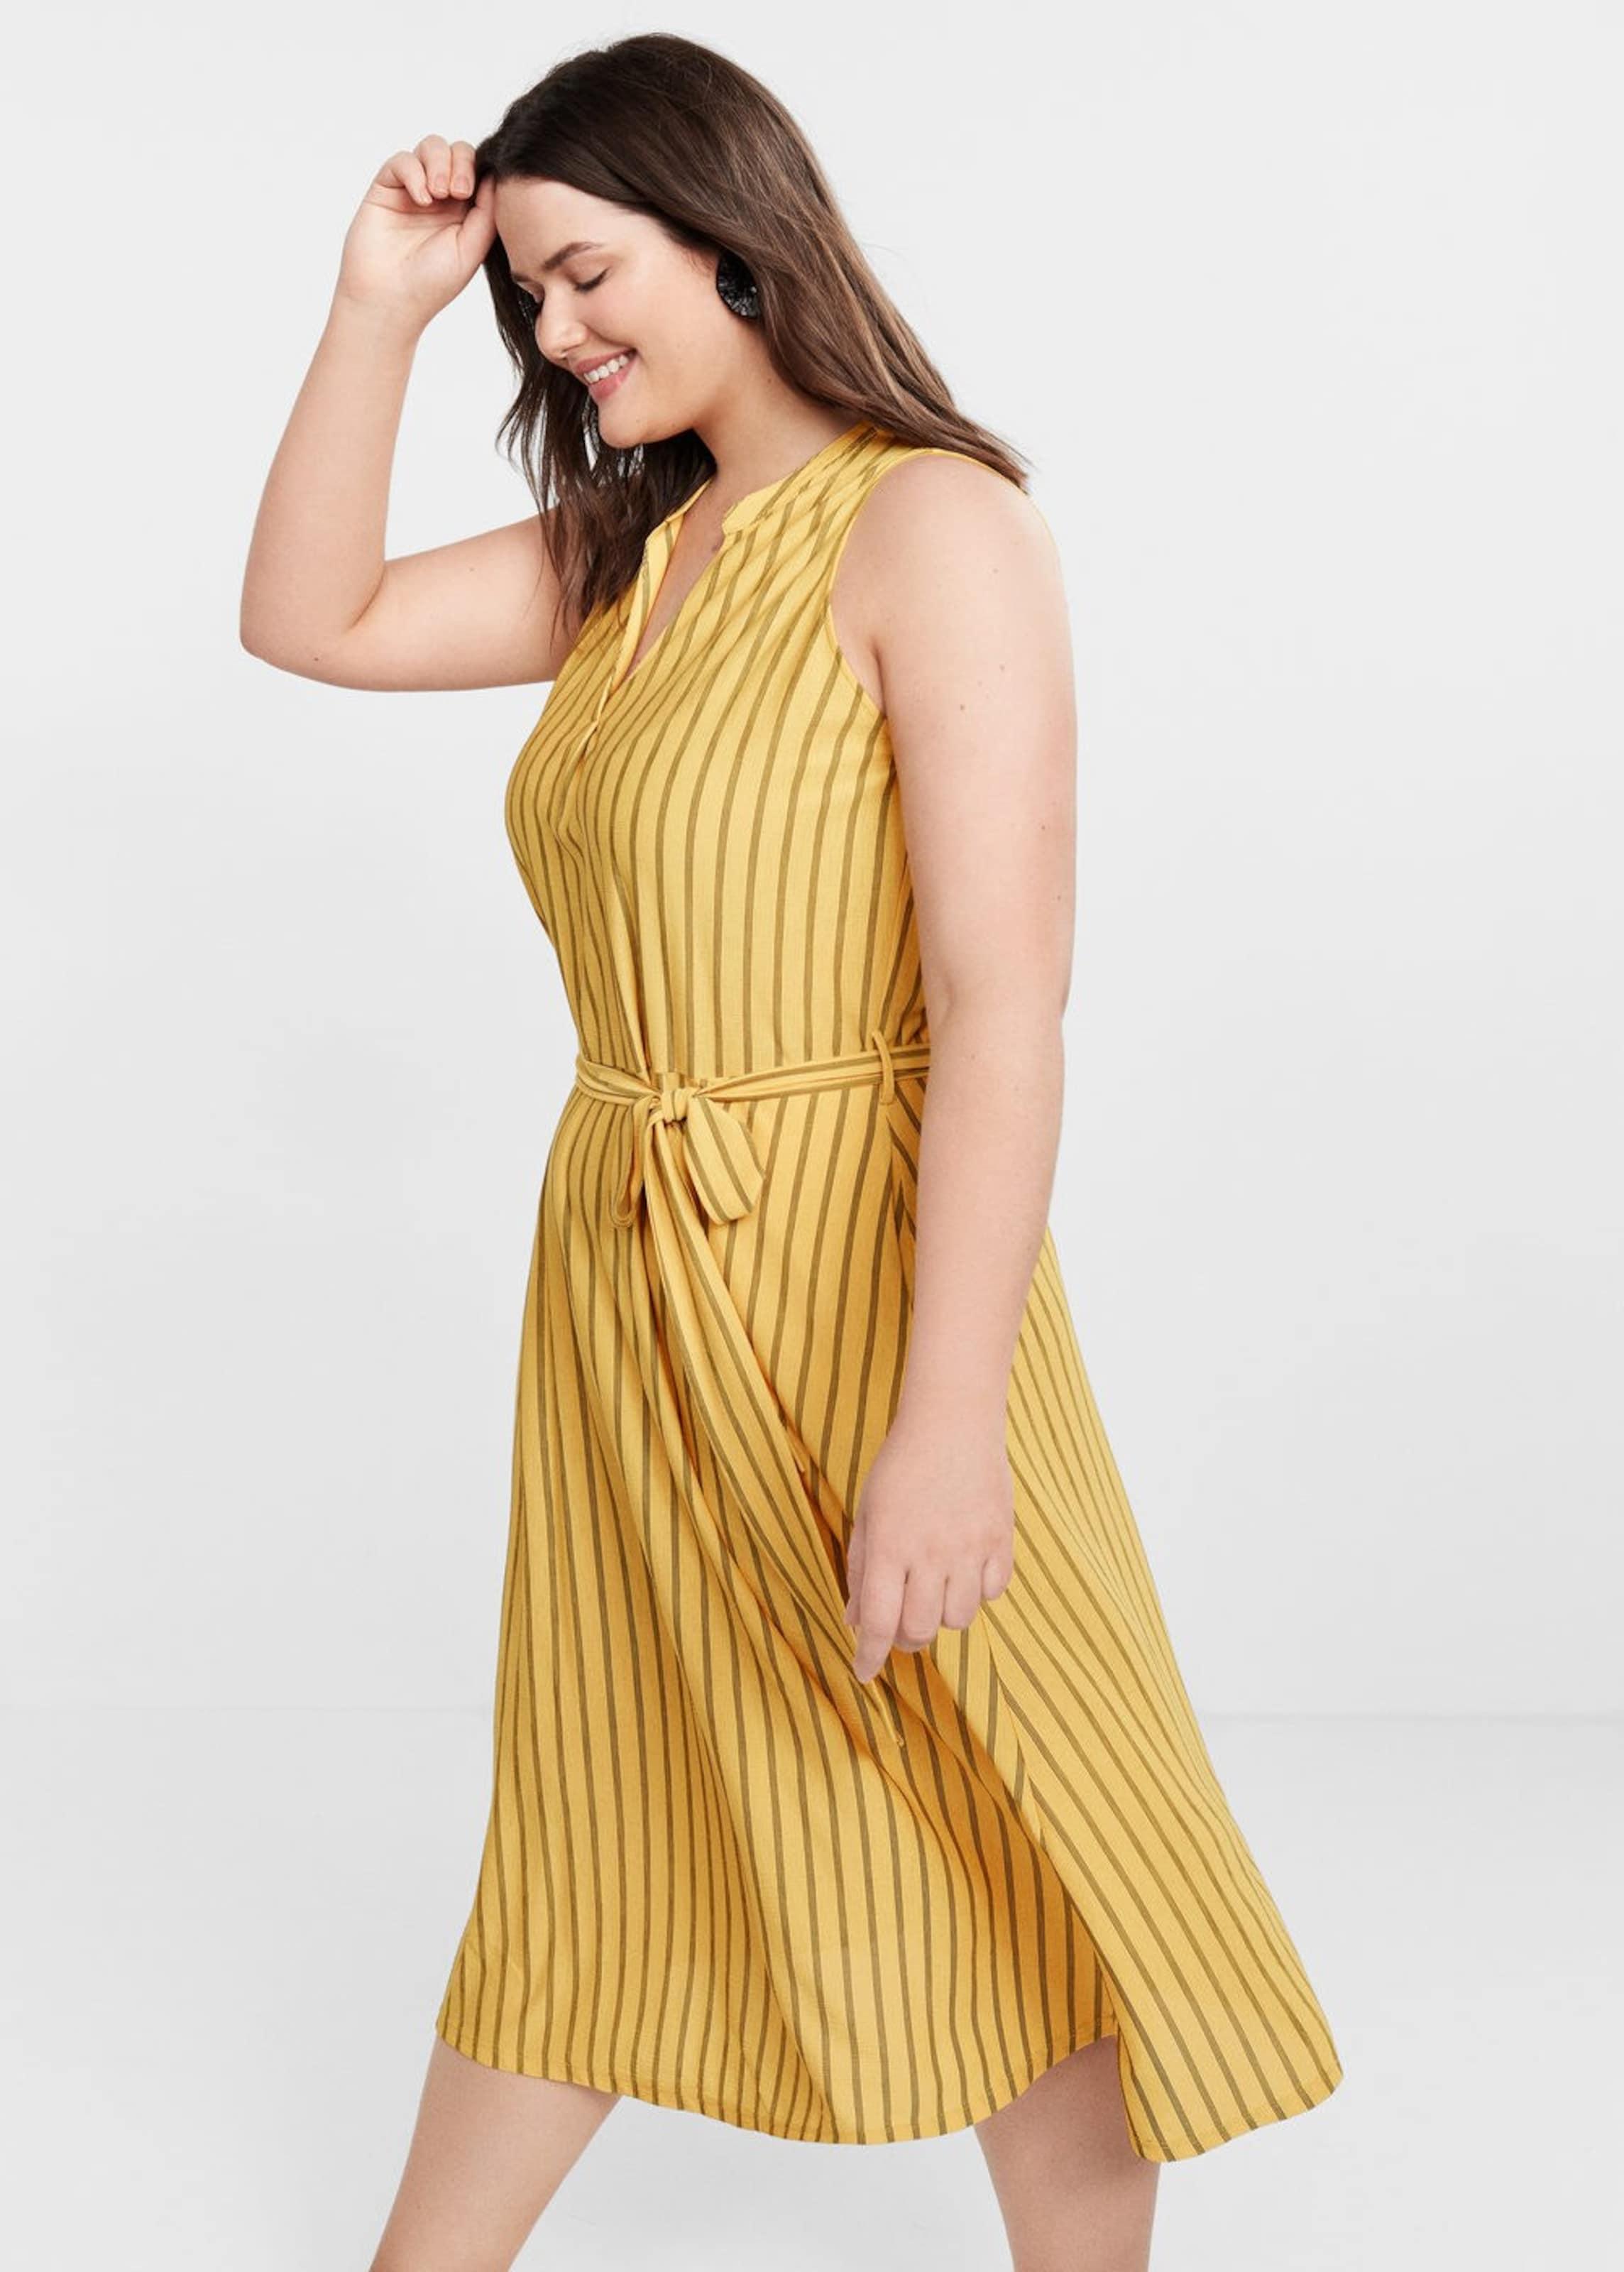 'kristen Kleid Violeta By Mango In BraunGelb i' nwmNvO80